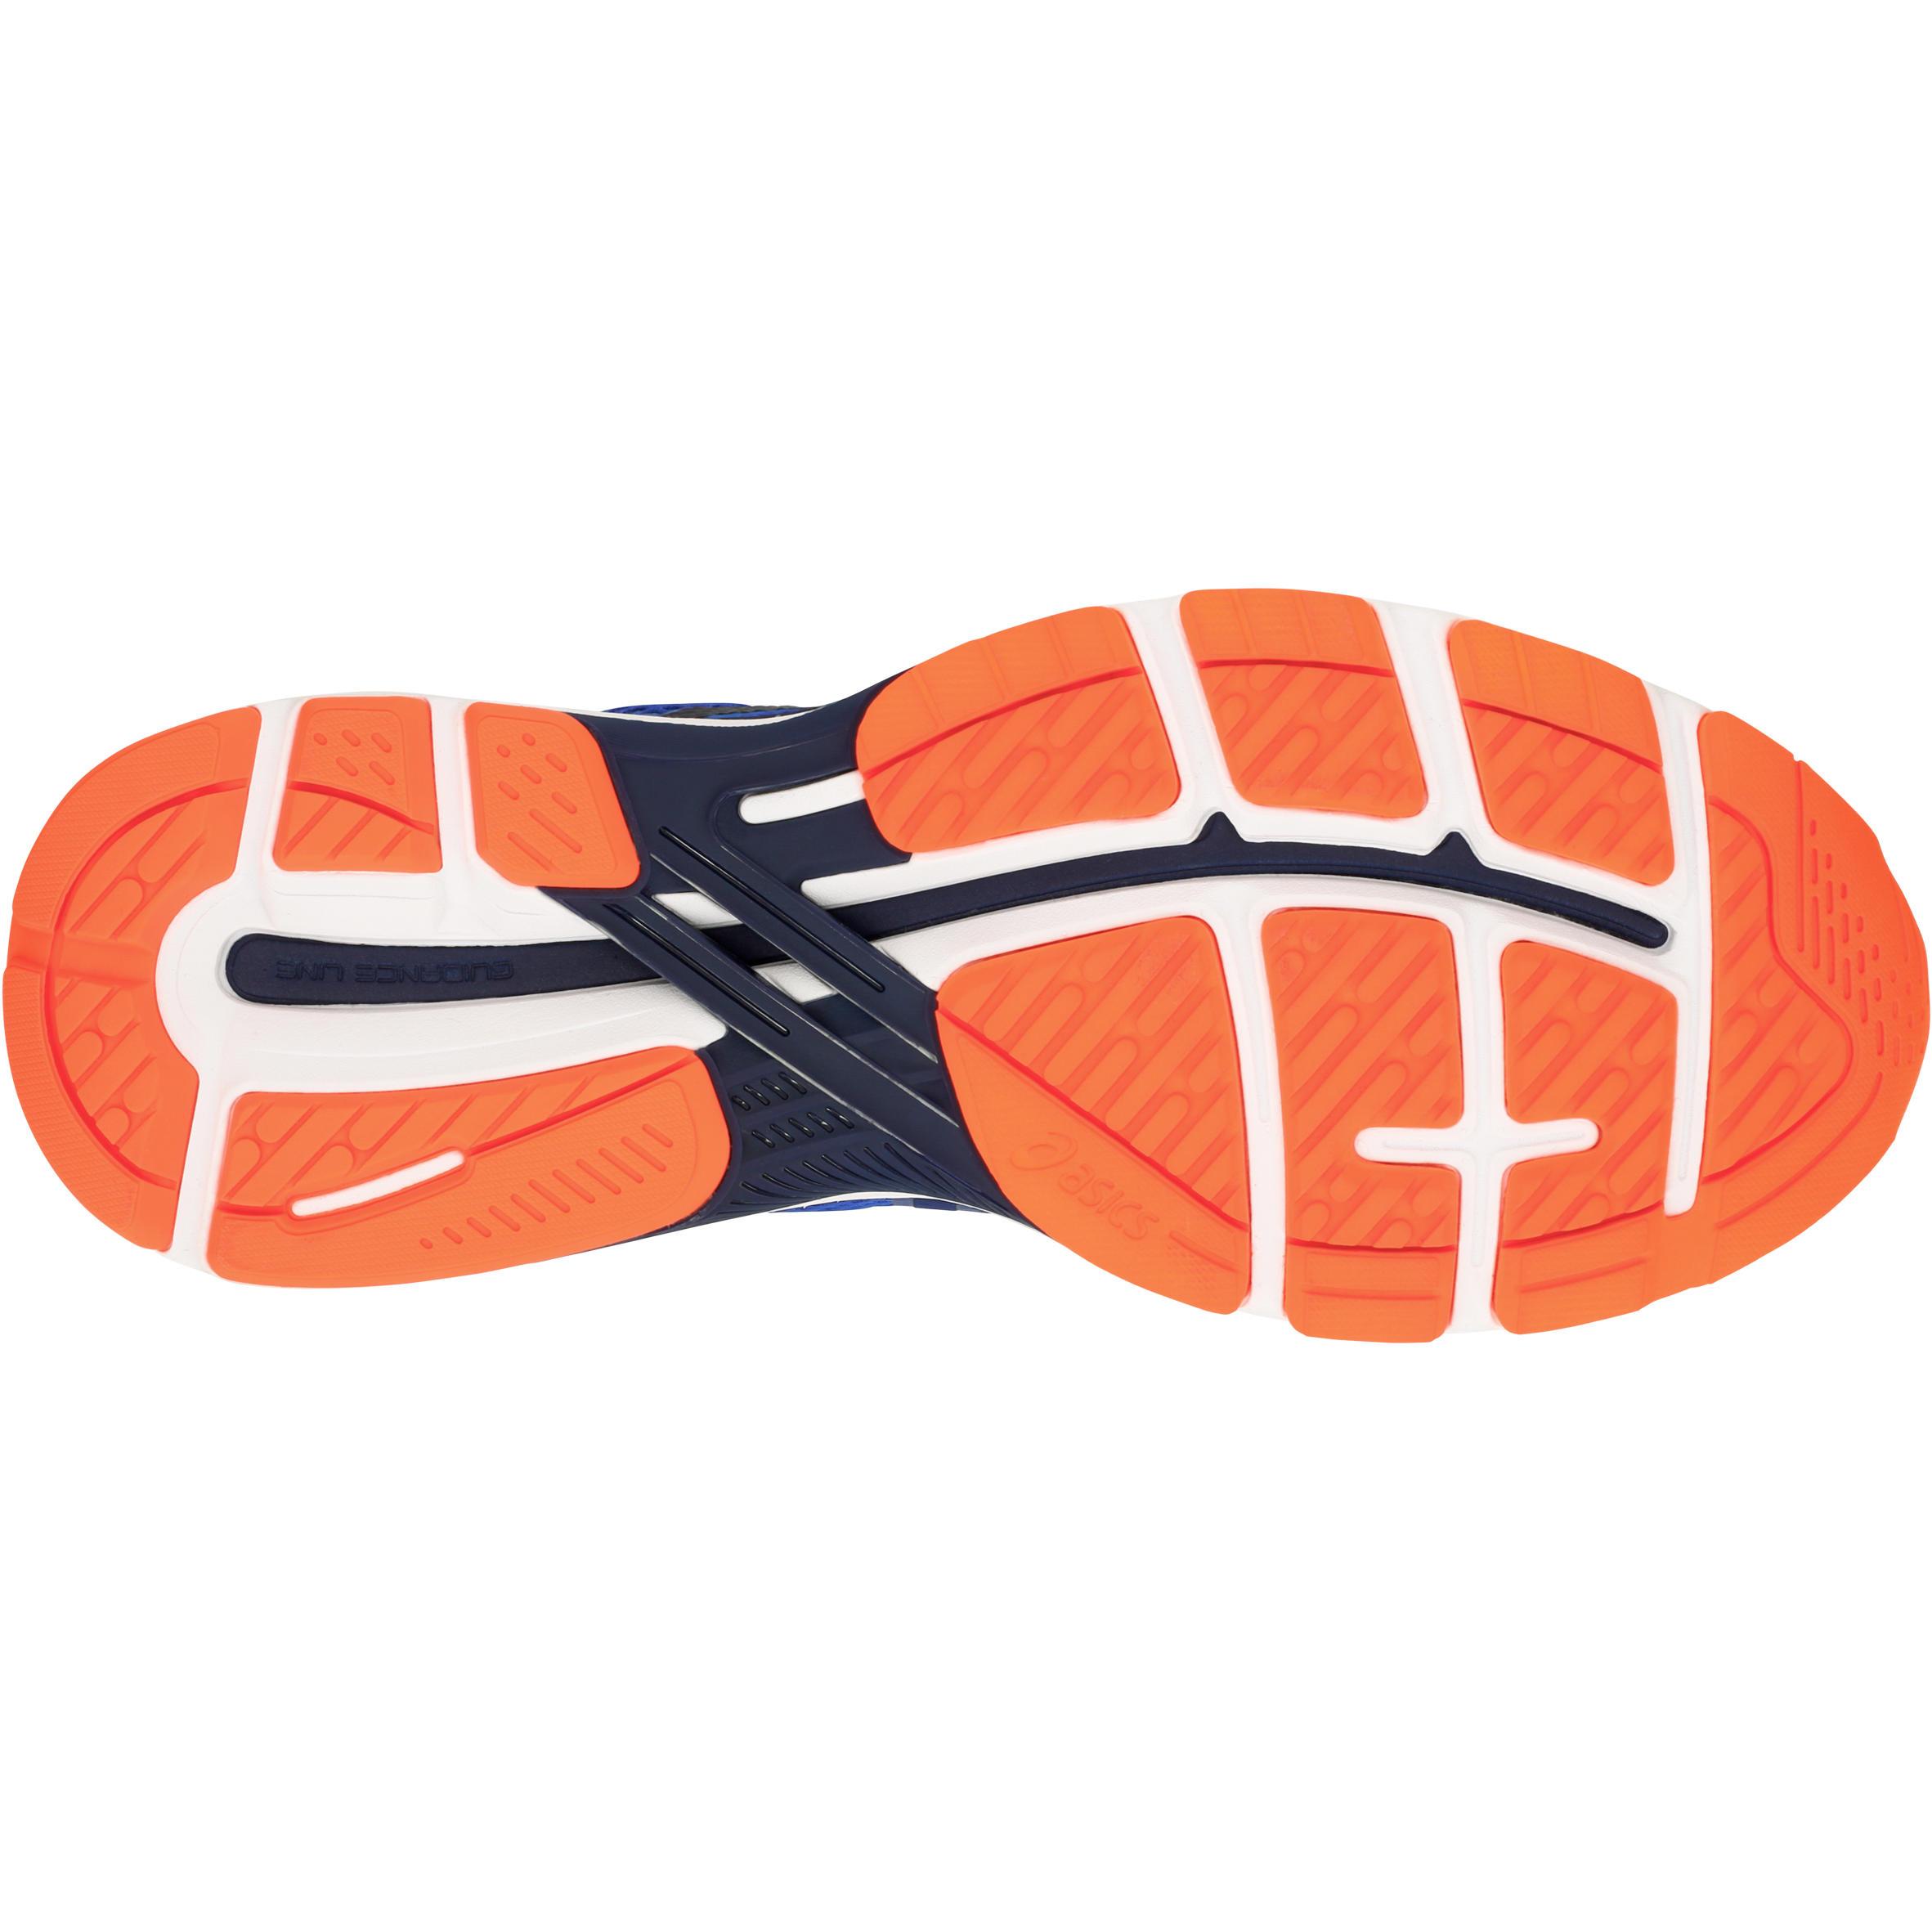 Chaussures Asics 6 2000 Gel Bleu Running Gt Homme l1T3KuFJc